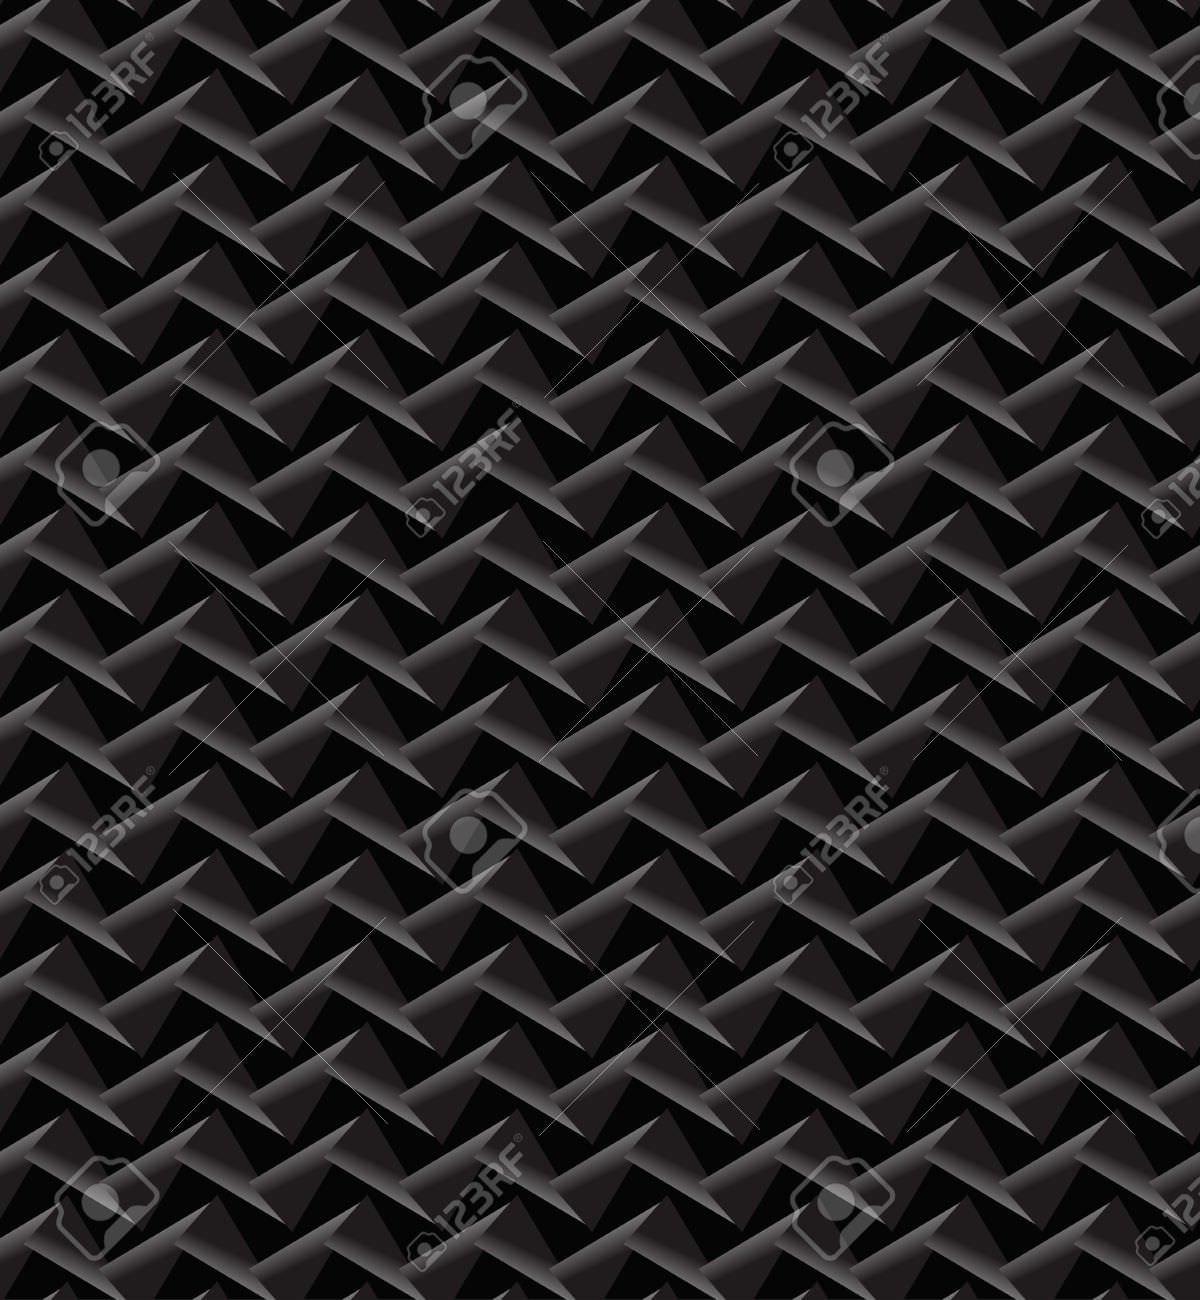 29 Carbon Fiber Textures Patterns Backgrounds